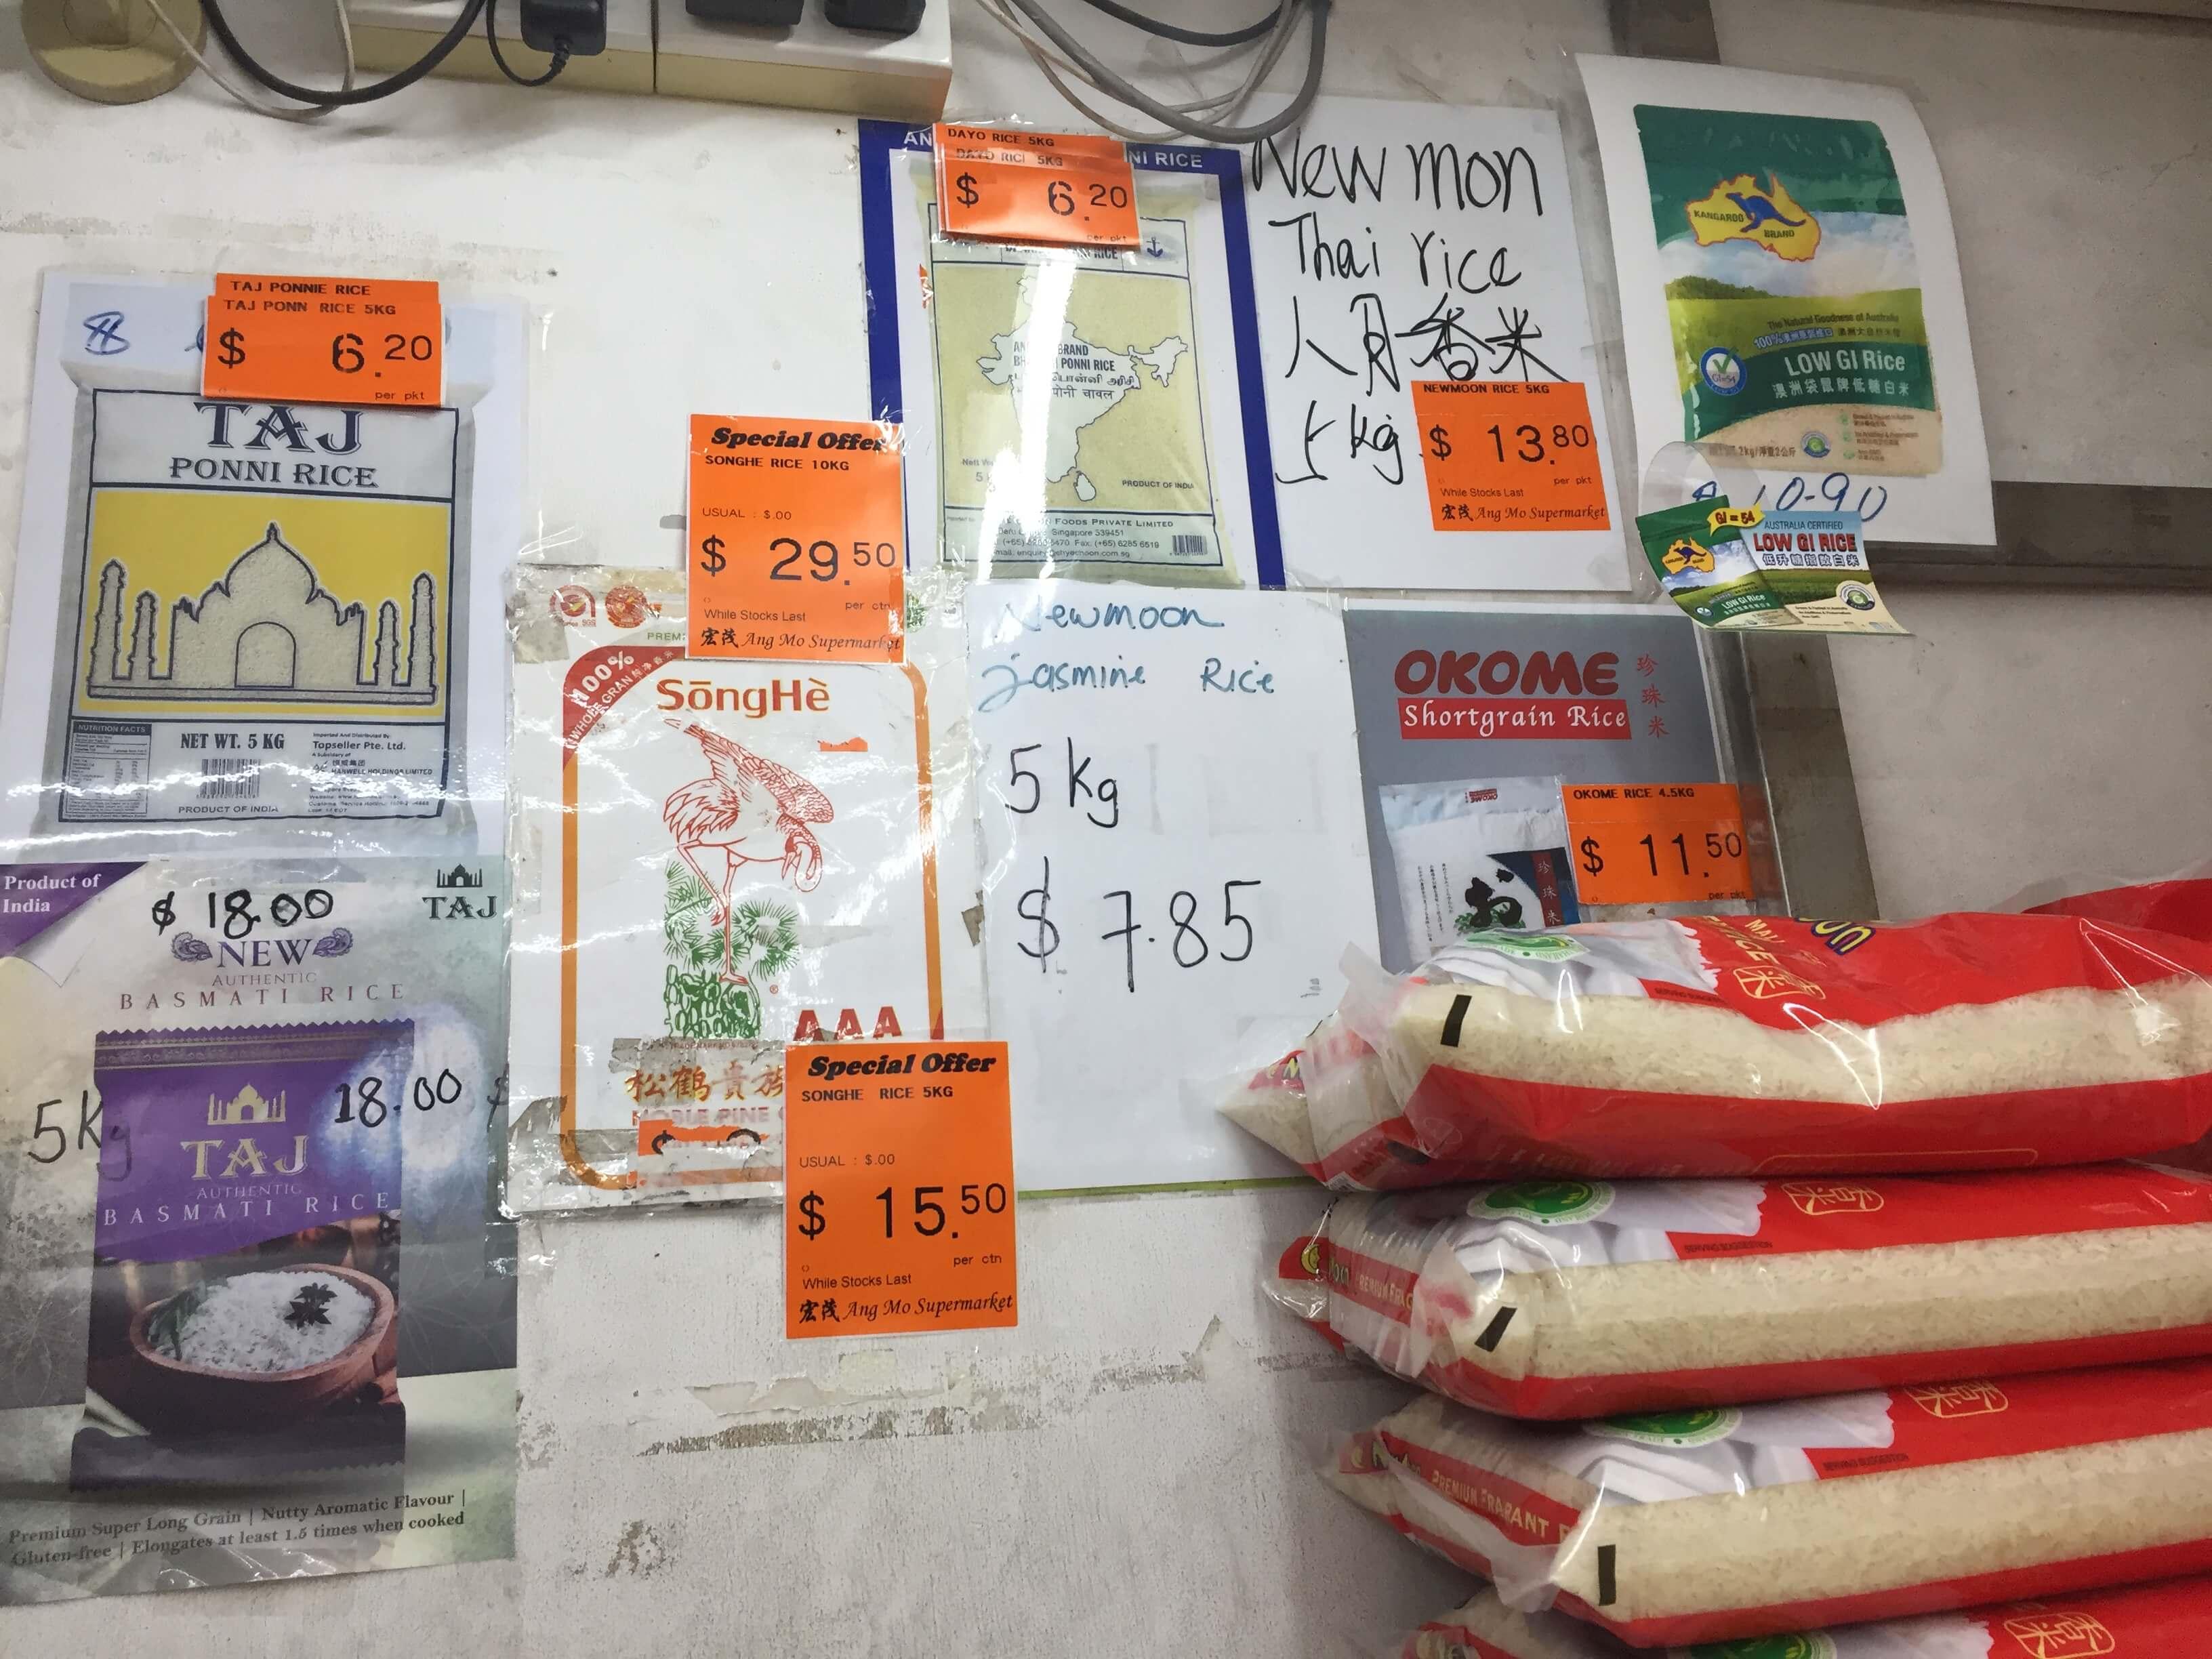 ang mo supermarket rice